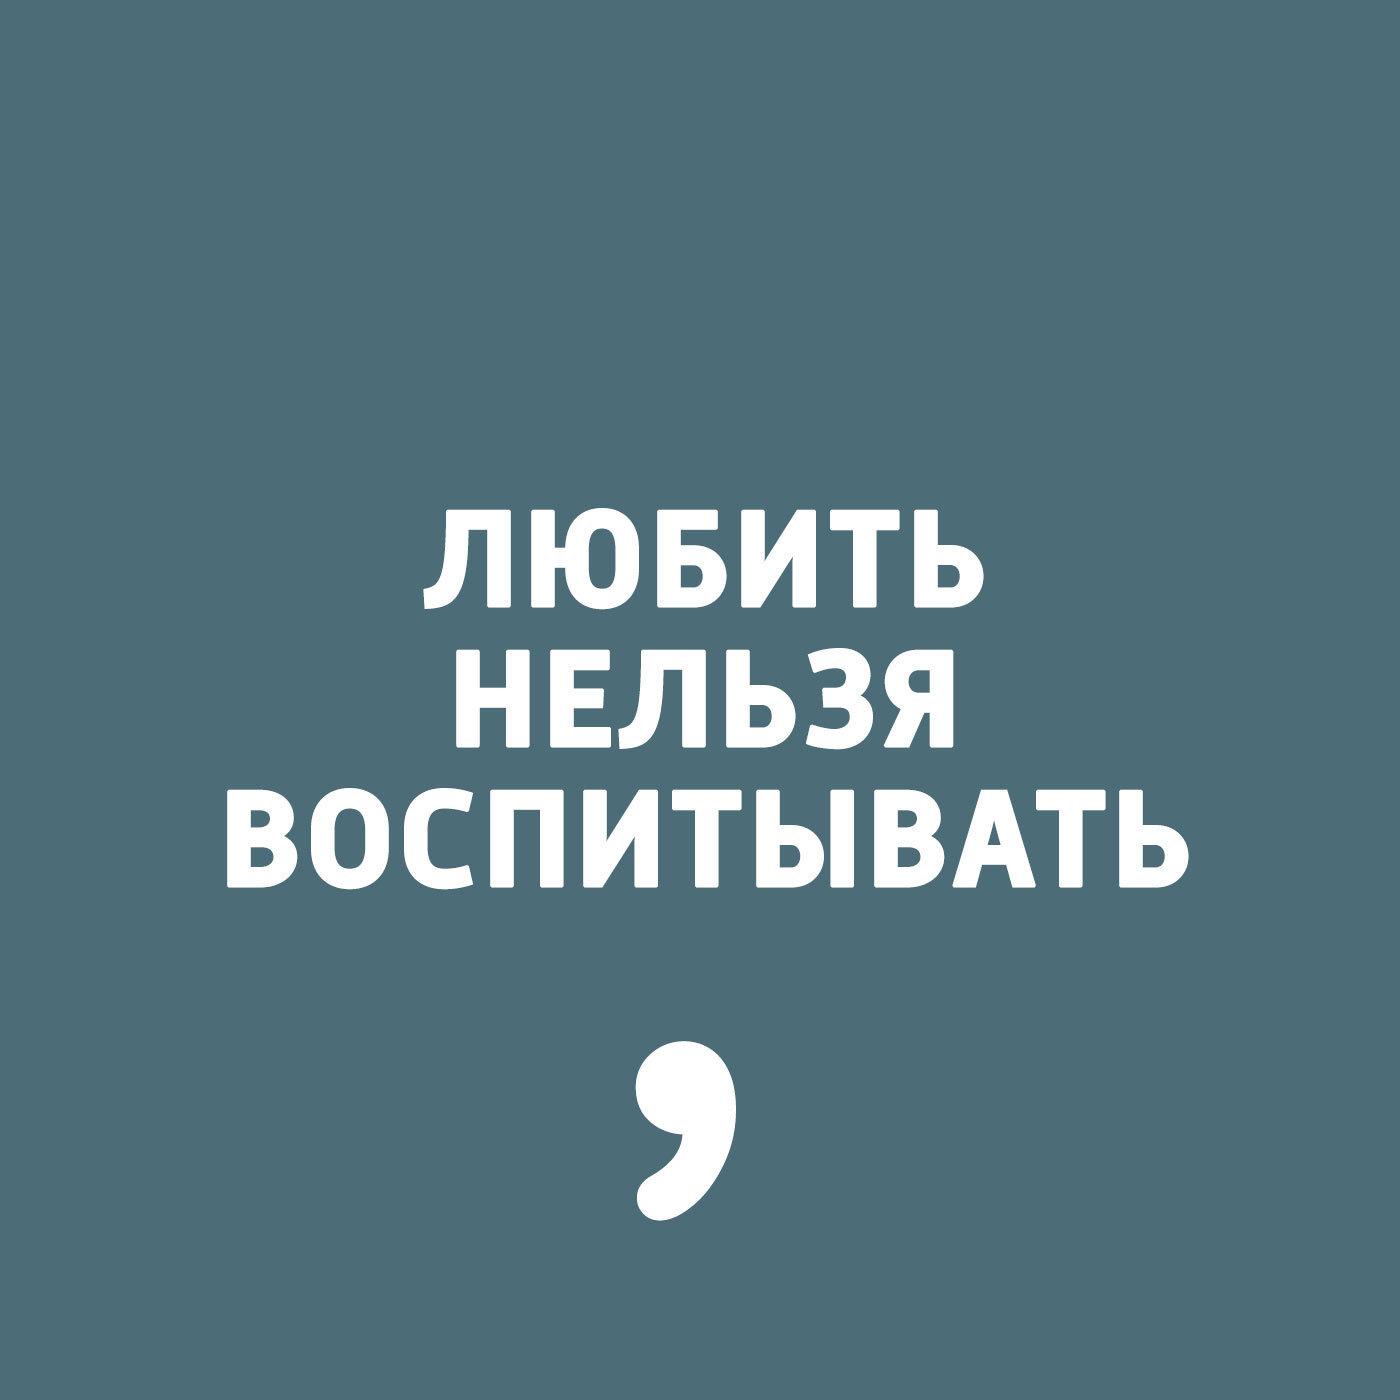 Дима Зицер Итоги года: Дима Зицер и Александр Мурашев александр и новиков проза 2017 год